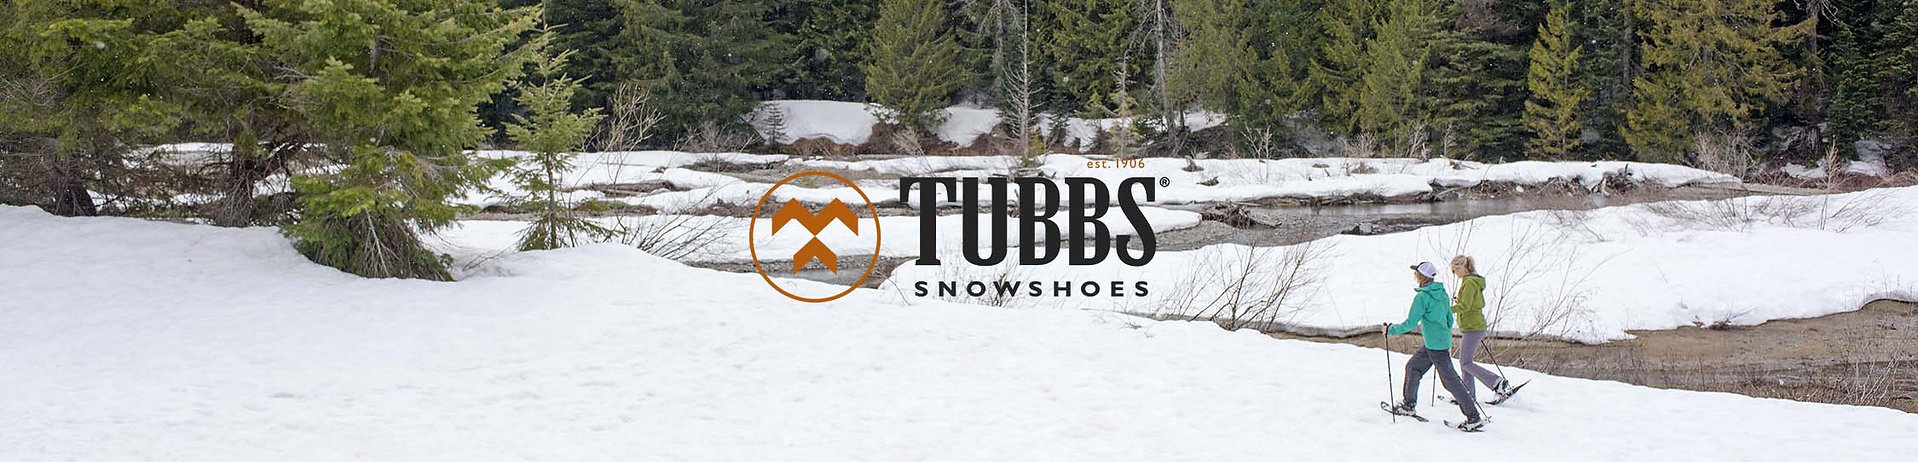 tubbs-banner.jpg